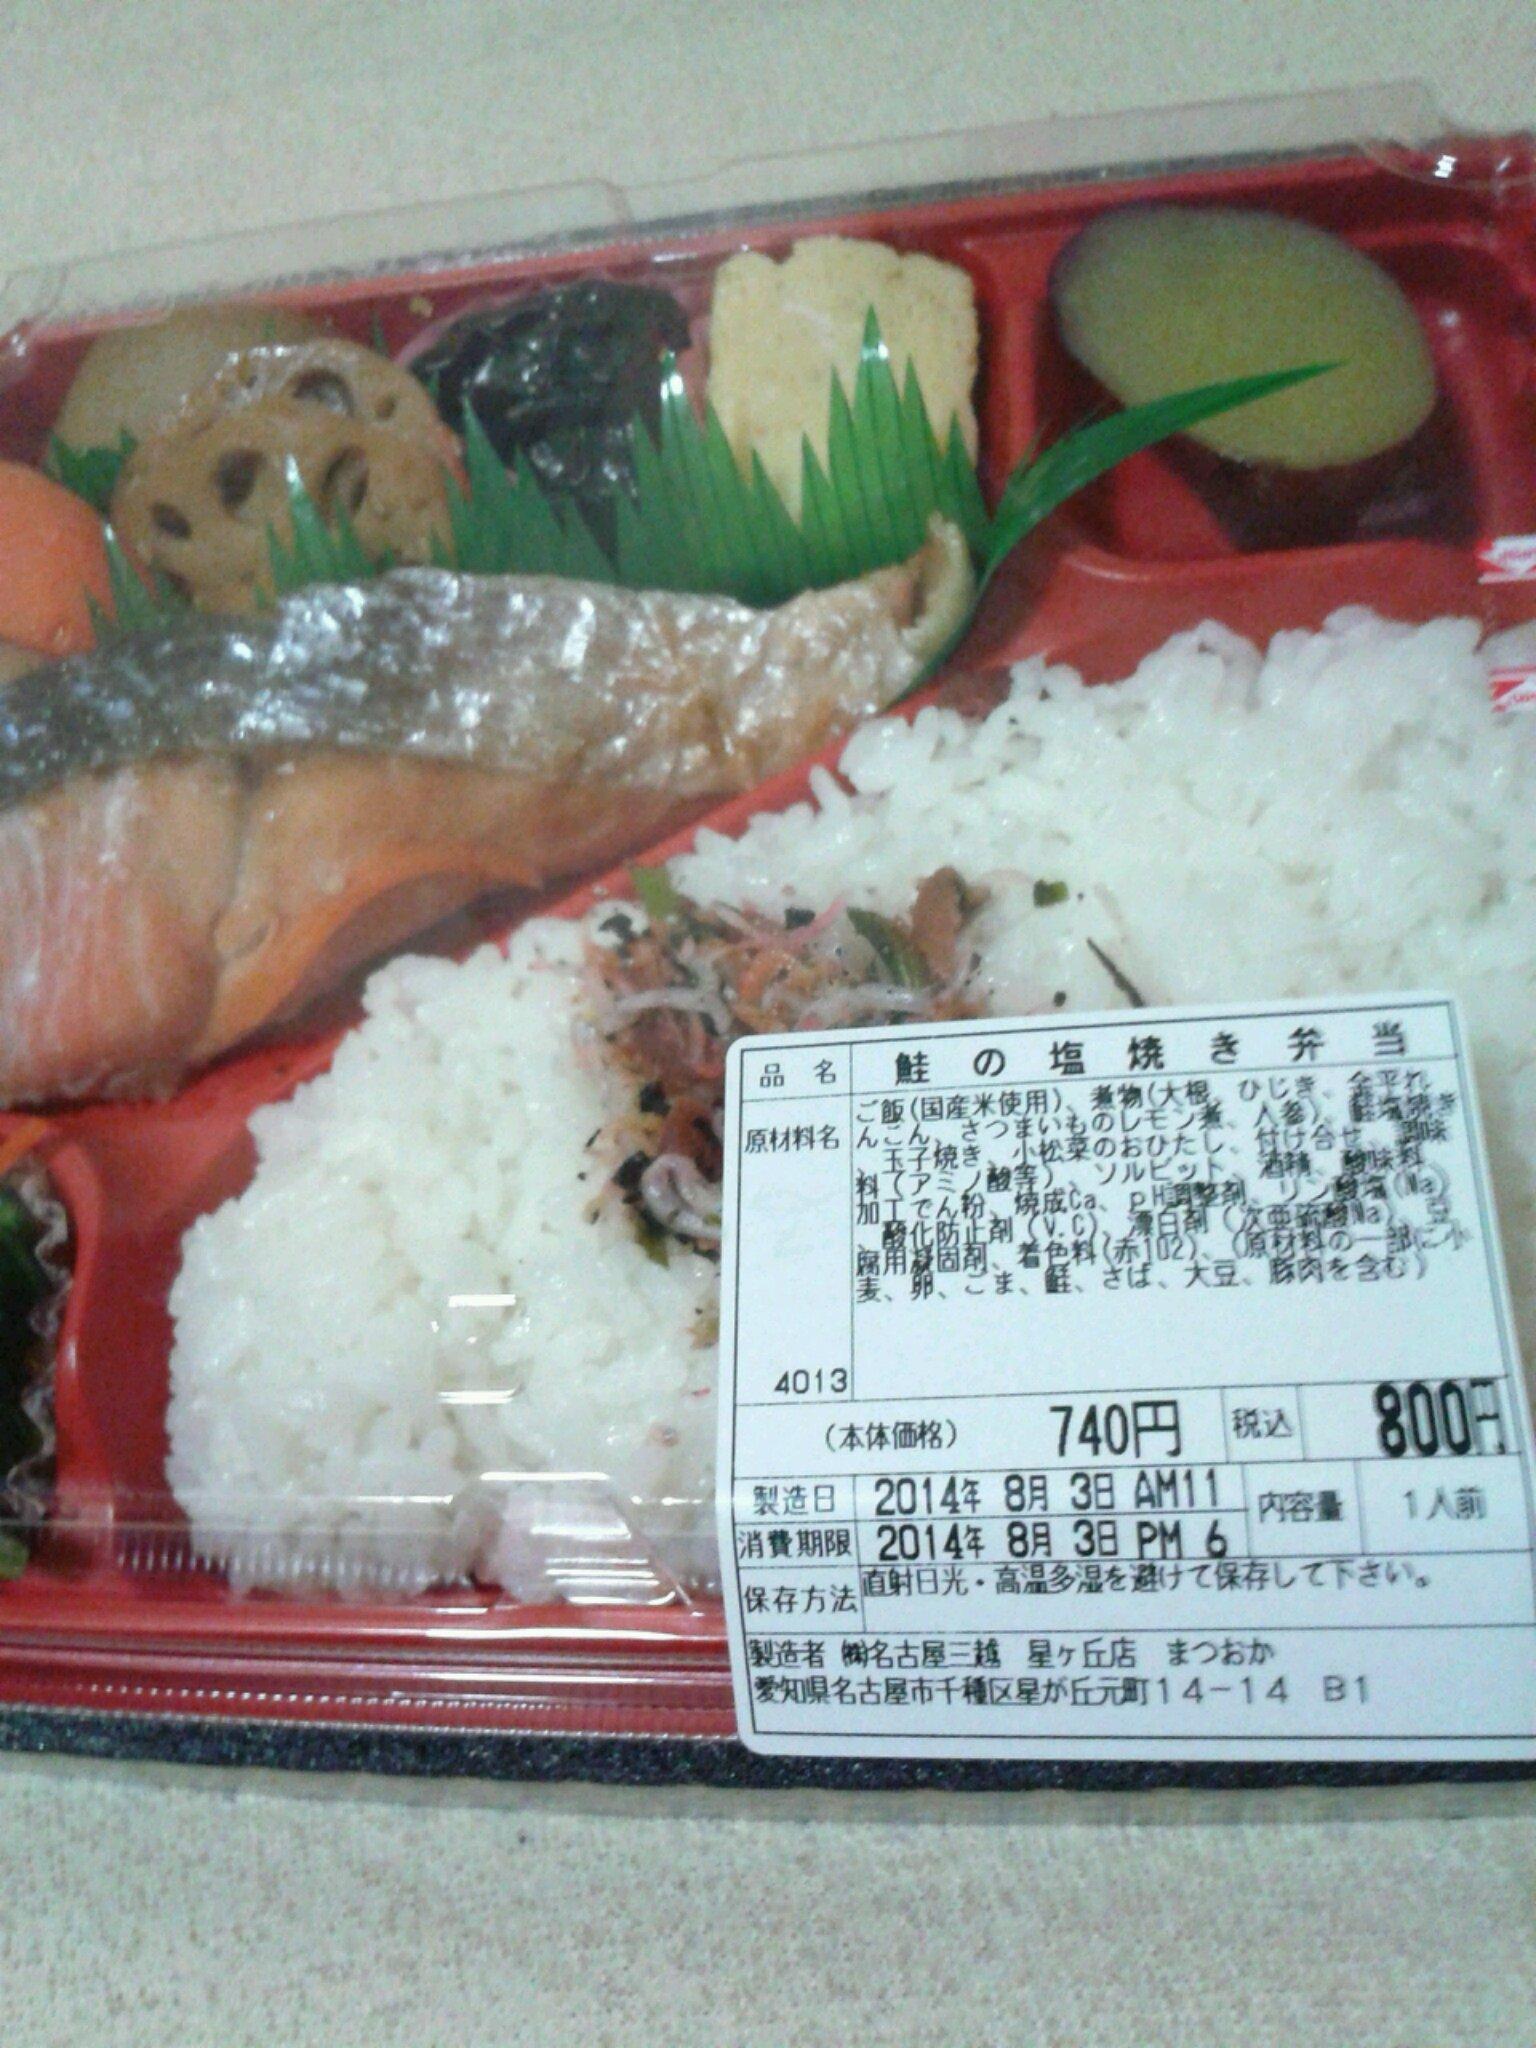 お惣菜のまつおか 三越星ヶ丘店